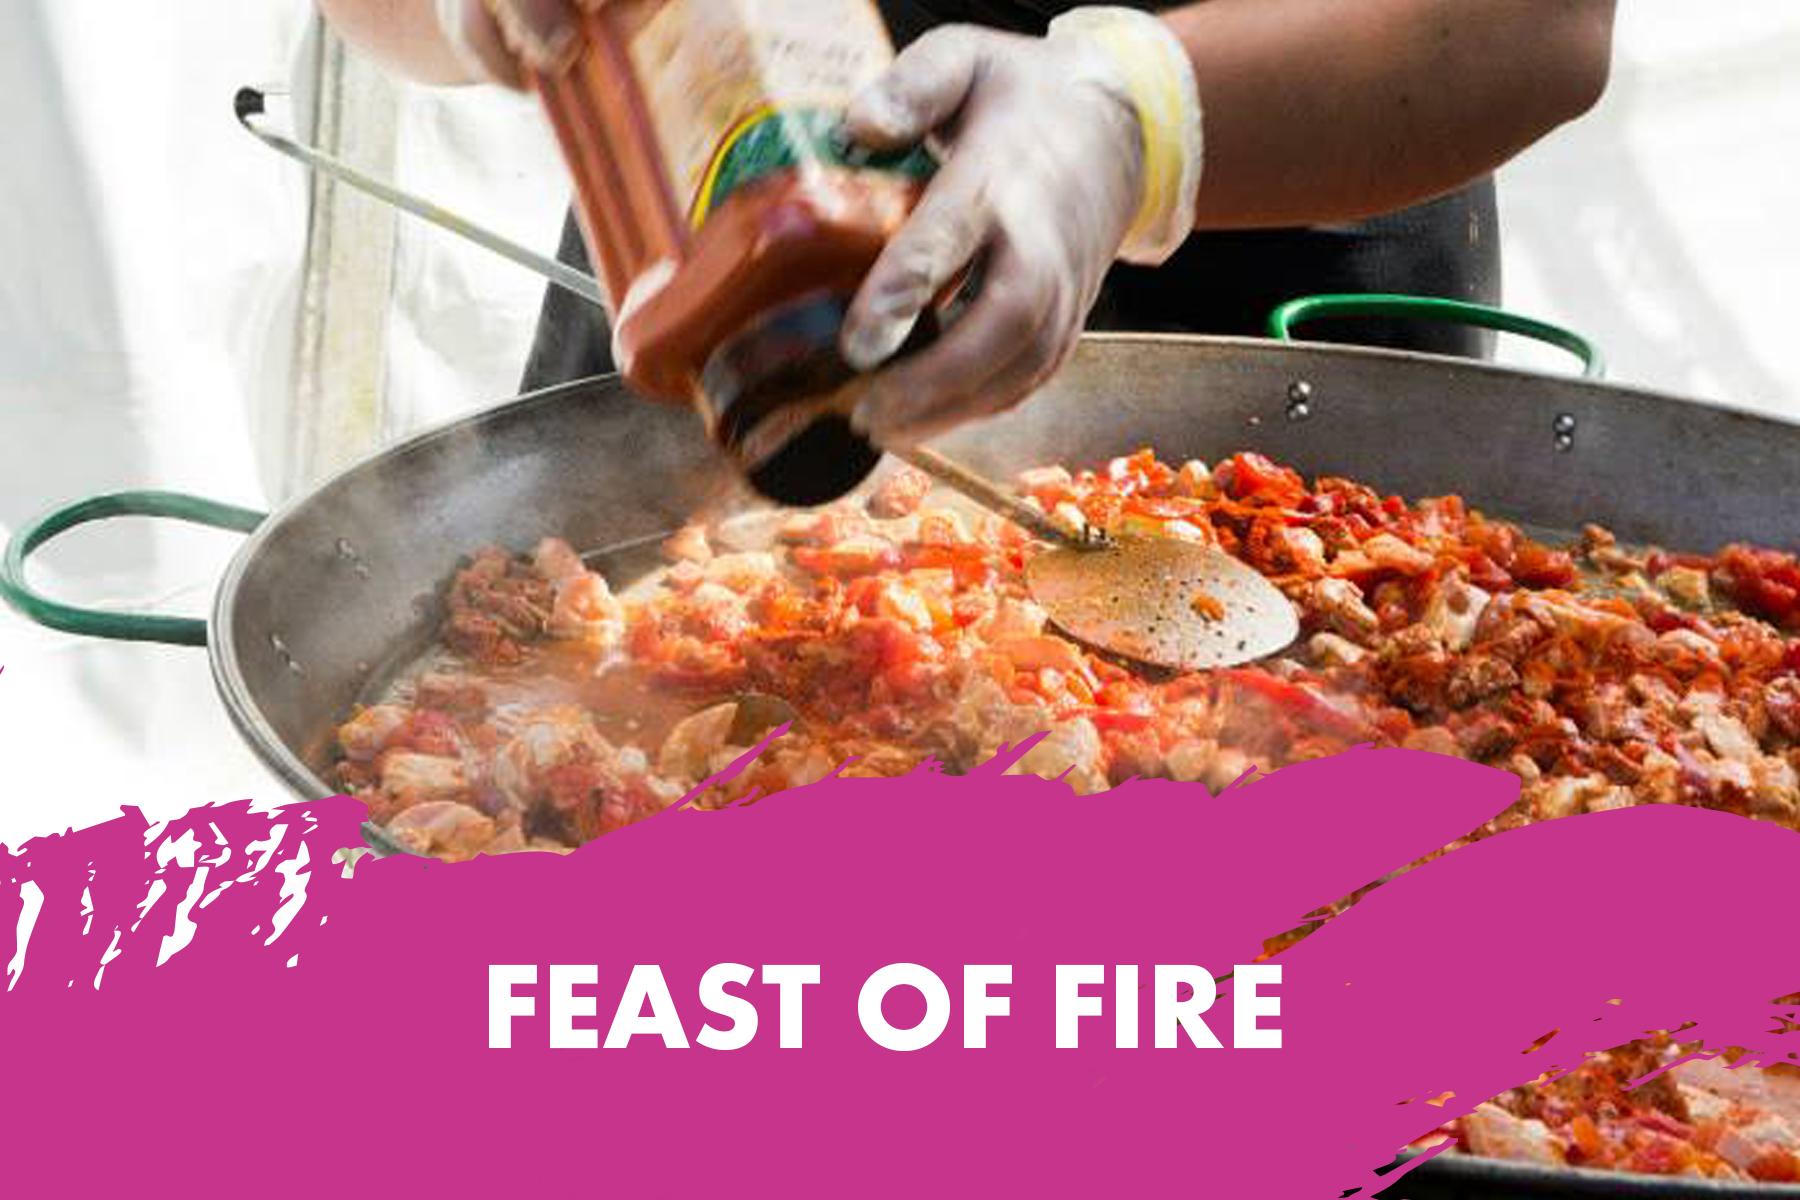 feast-of-fire_large.jpg